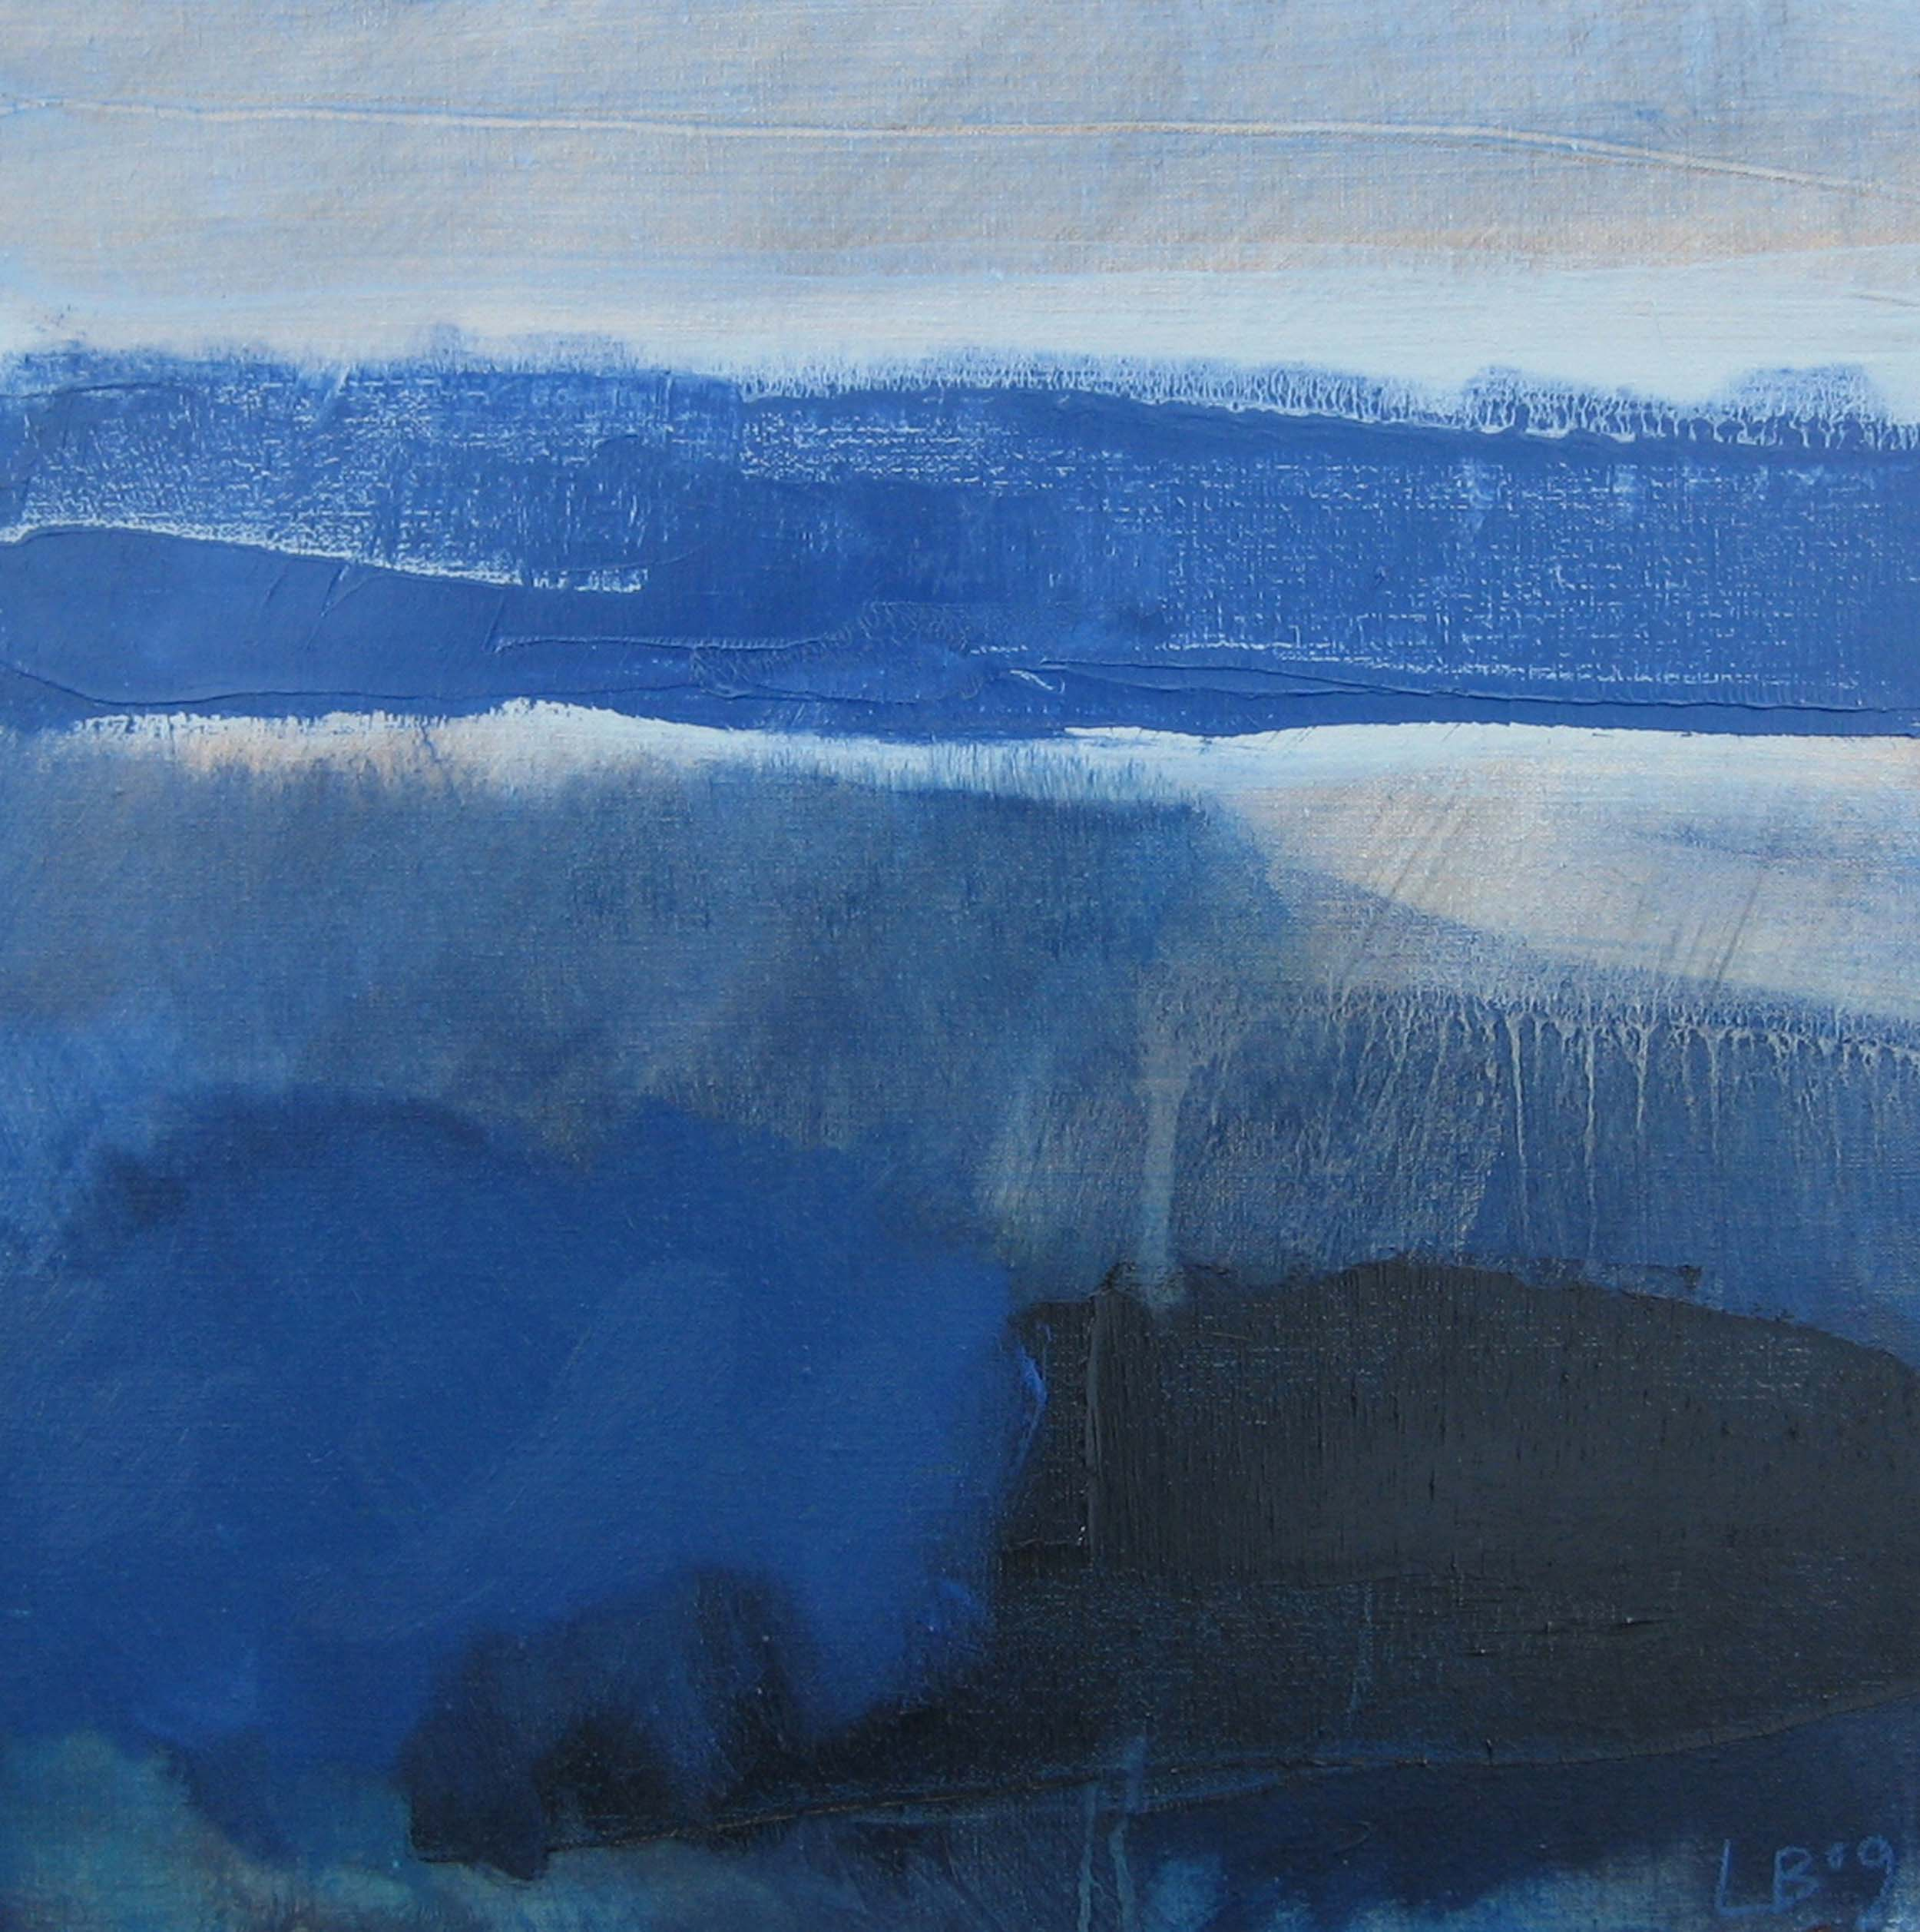 Leah Beggs 2009 - Connemara Blues  - Oil on Canvas  - 41 x 41 cm_sml.jpg